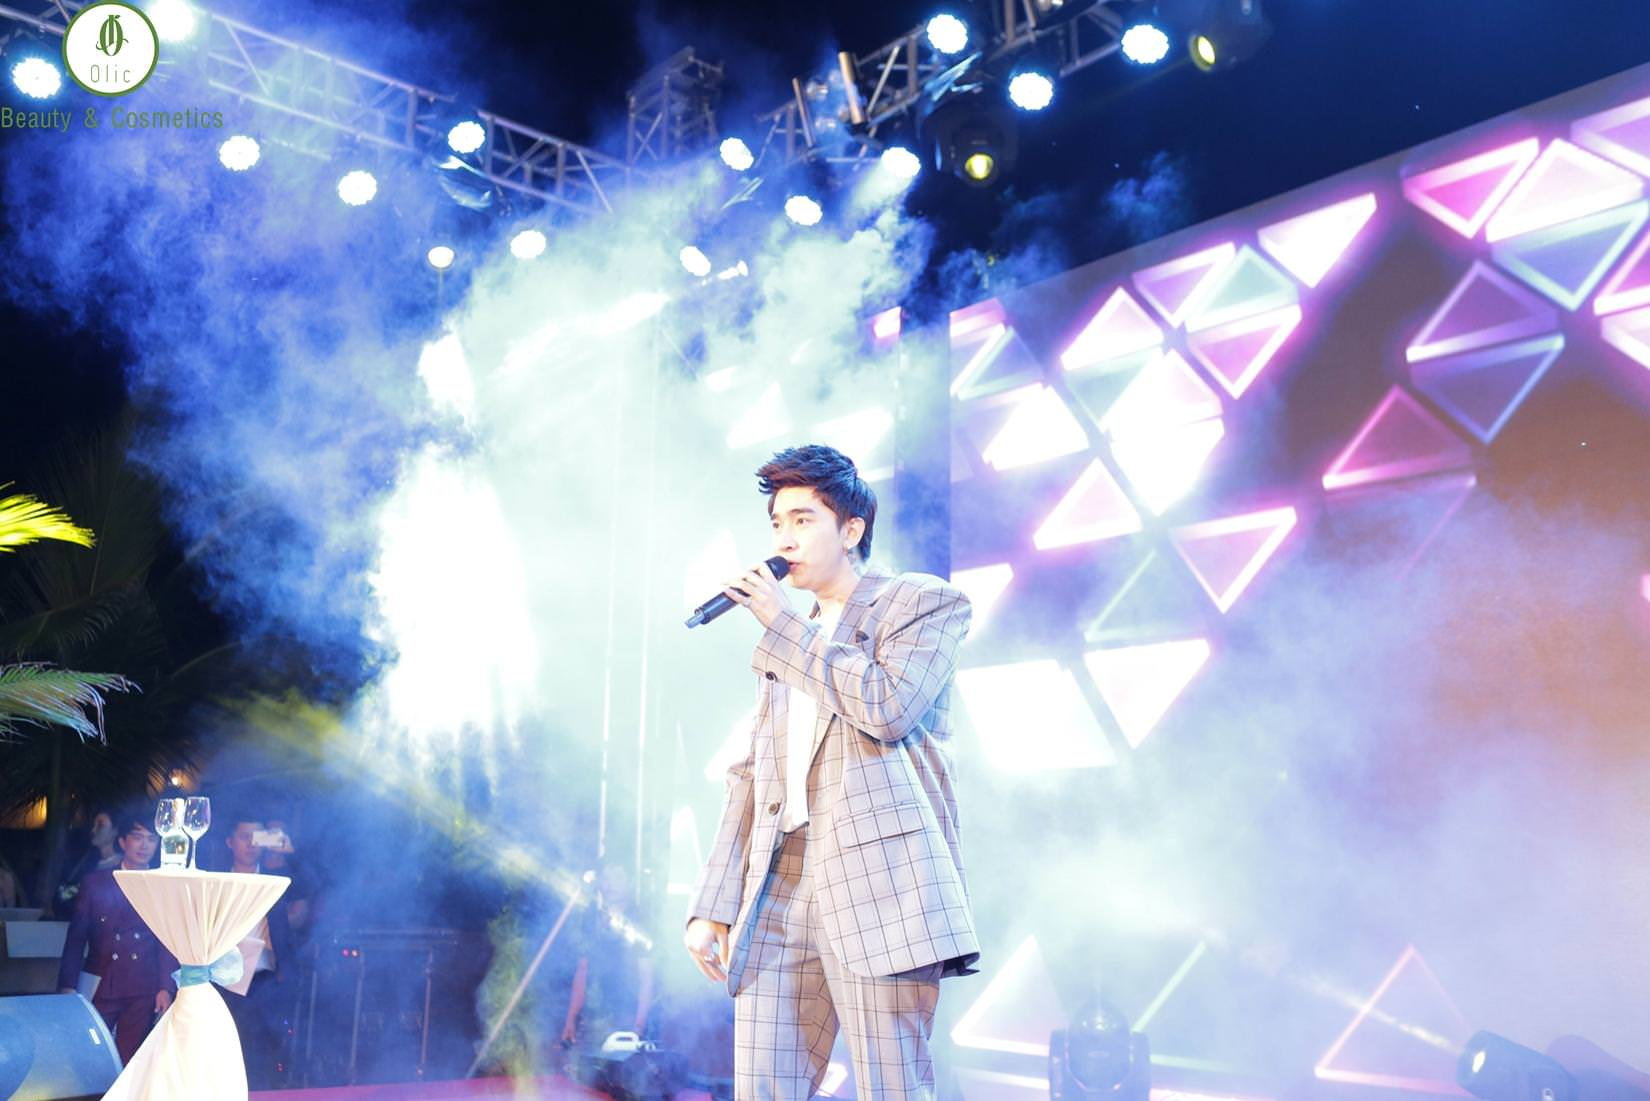 Chi Dân và MTV band khuấy động sự kiện lớn của Olic tại Đà Nẵng - Ảnh 2.